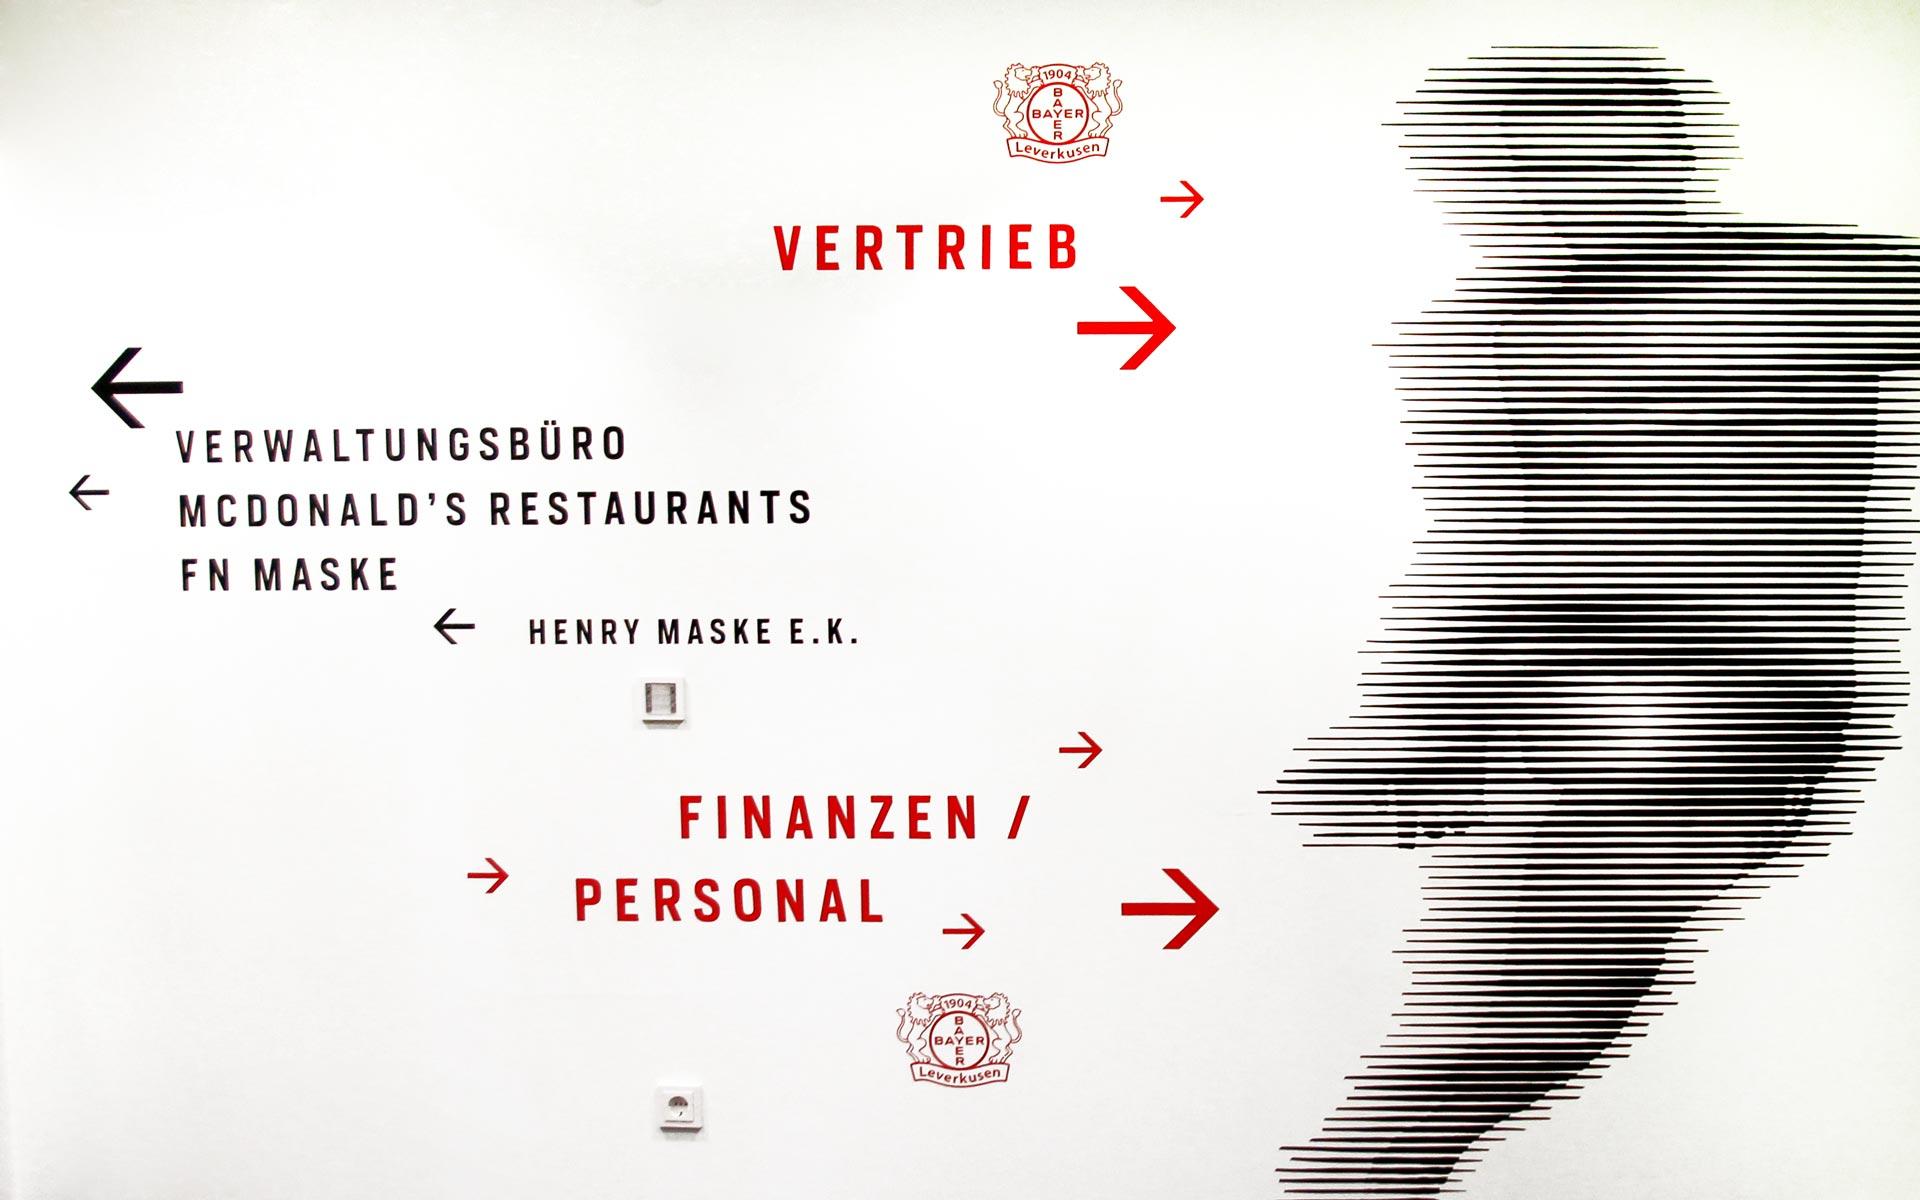 Bayer 04 neue Liegenschaft – Wayfinding, Leit- und Orientierungssystem,  Orientierungshinweise typografische Orientierungshinweise an der Wand